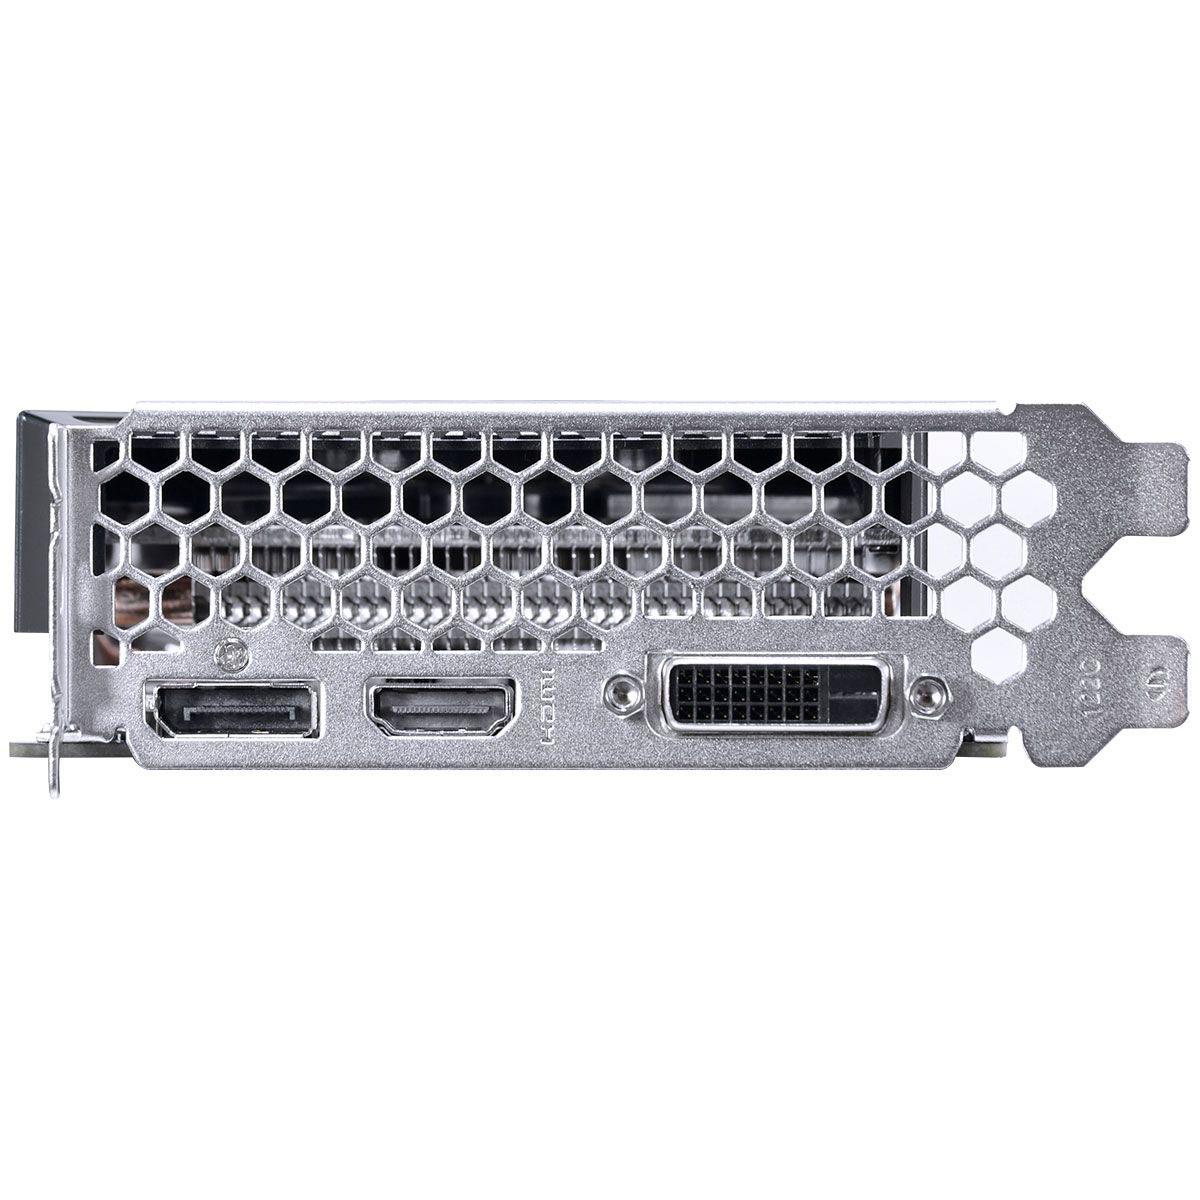 Placa de Vídeo Pcyes GTX1660 Dual OC 6GB GDDR5 192 Bits - PP1660OC19206G5 - BLACK BOX